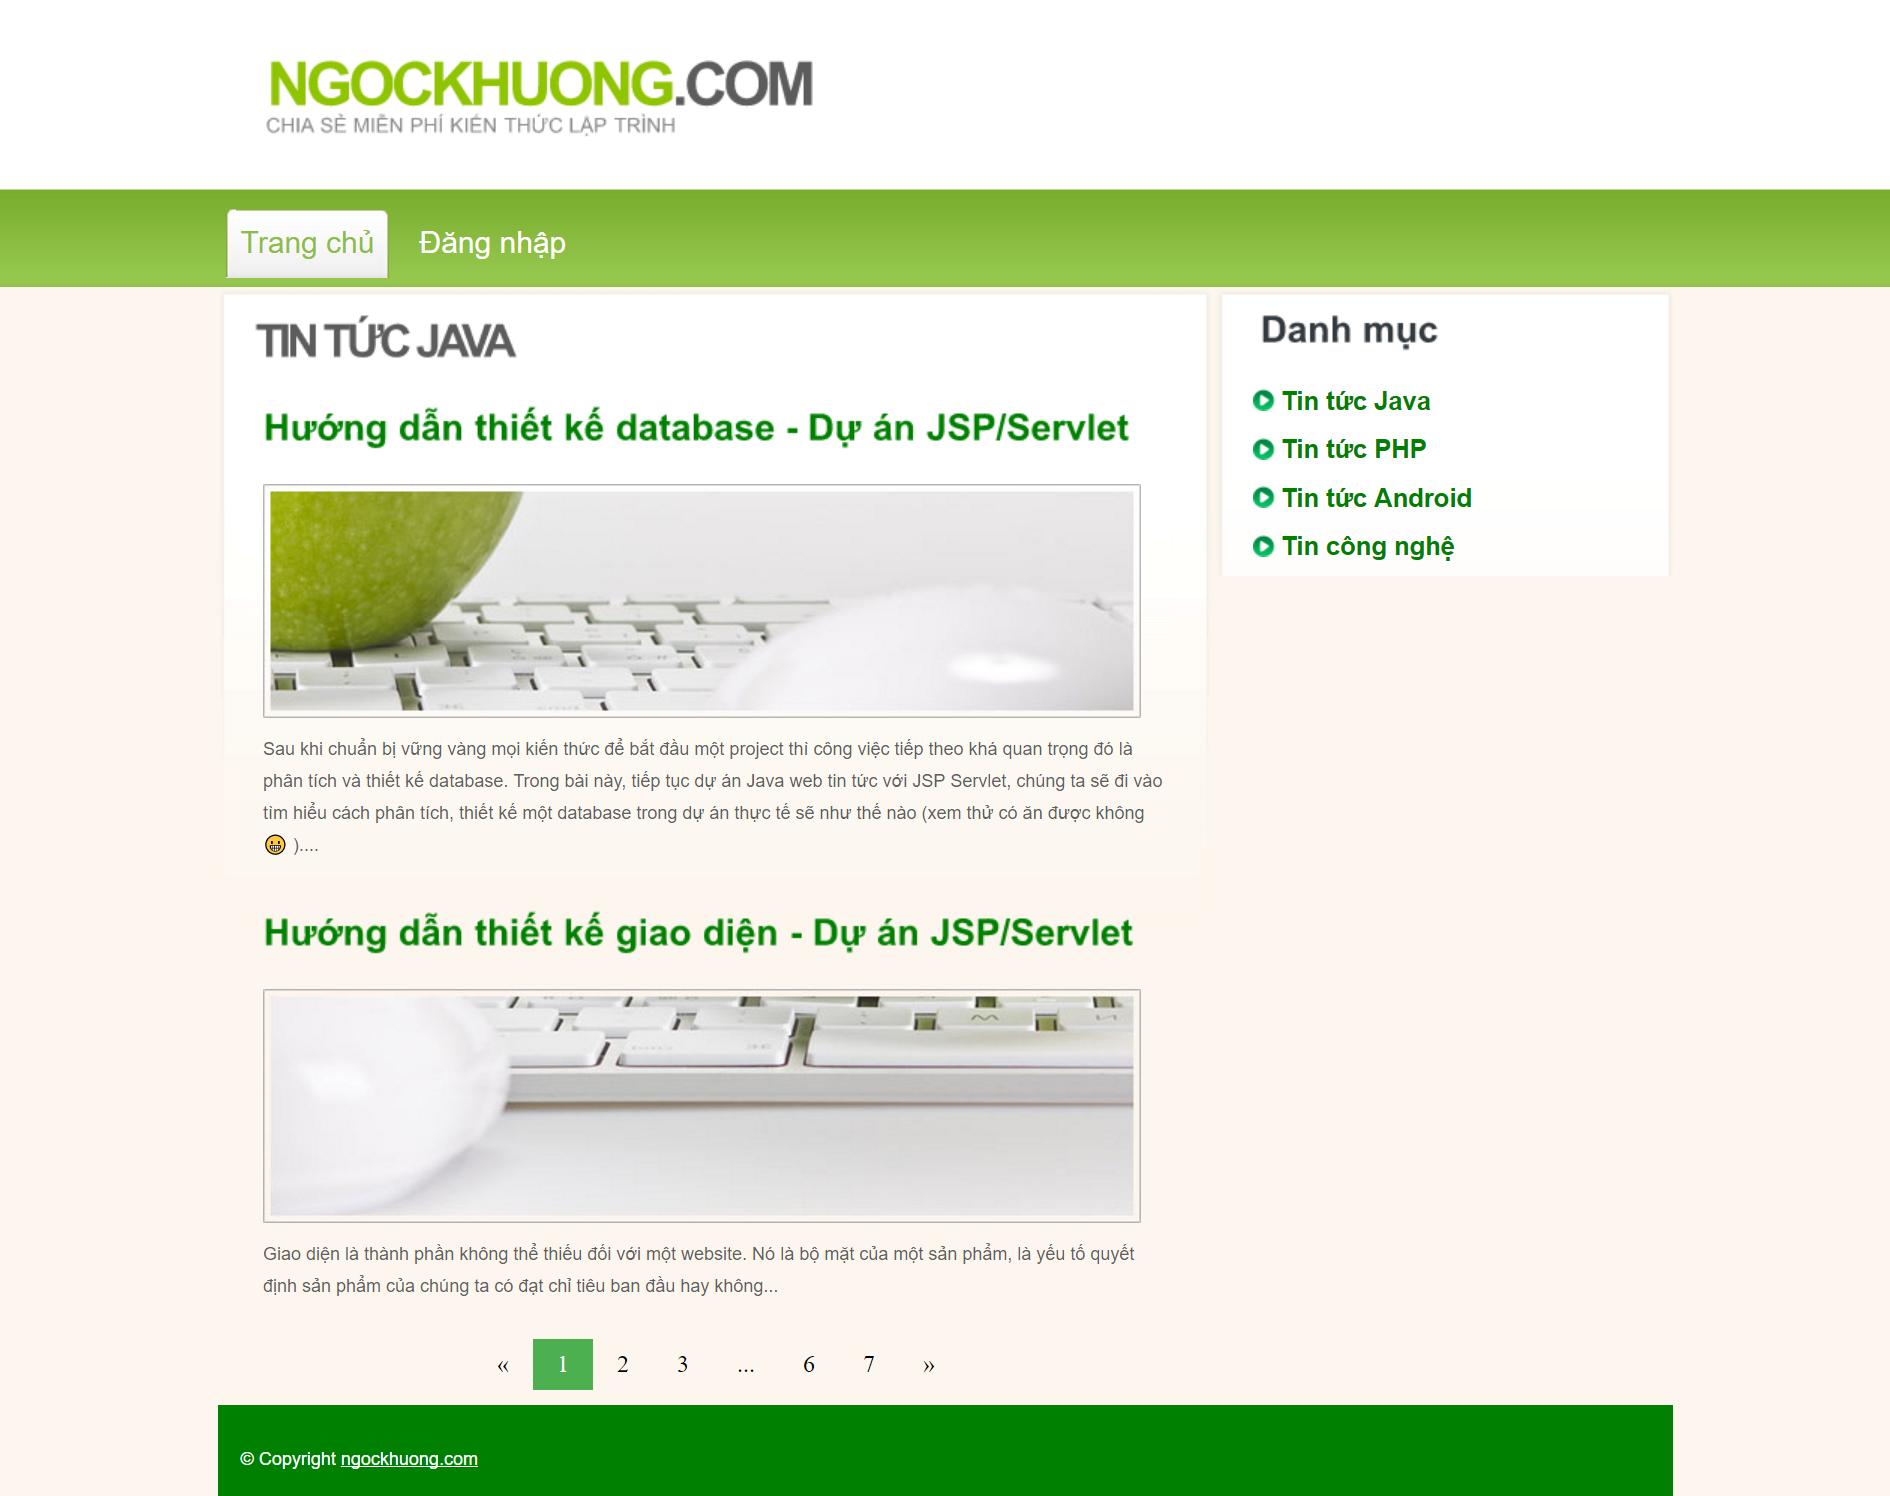 Dự án Java web tin tức với JSP Servlet - Bài 3: Phân tích và thiết kế giao diện